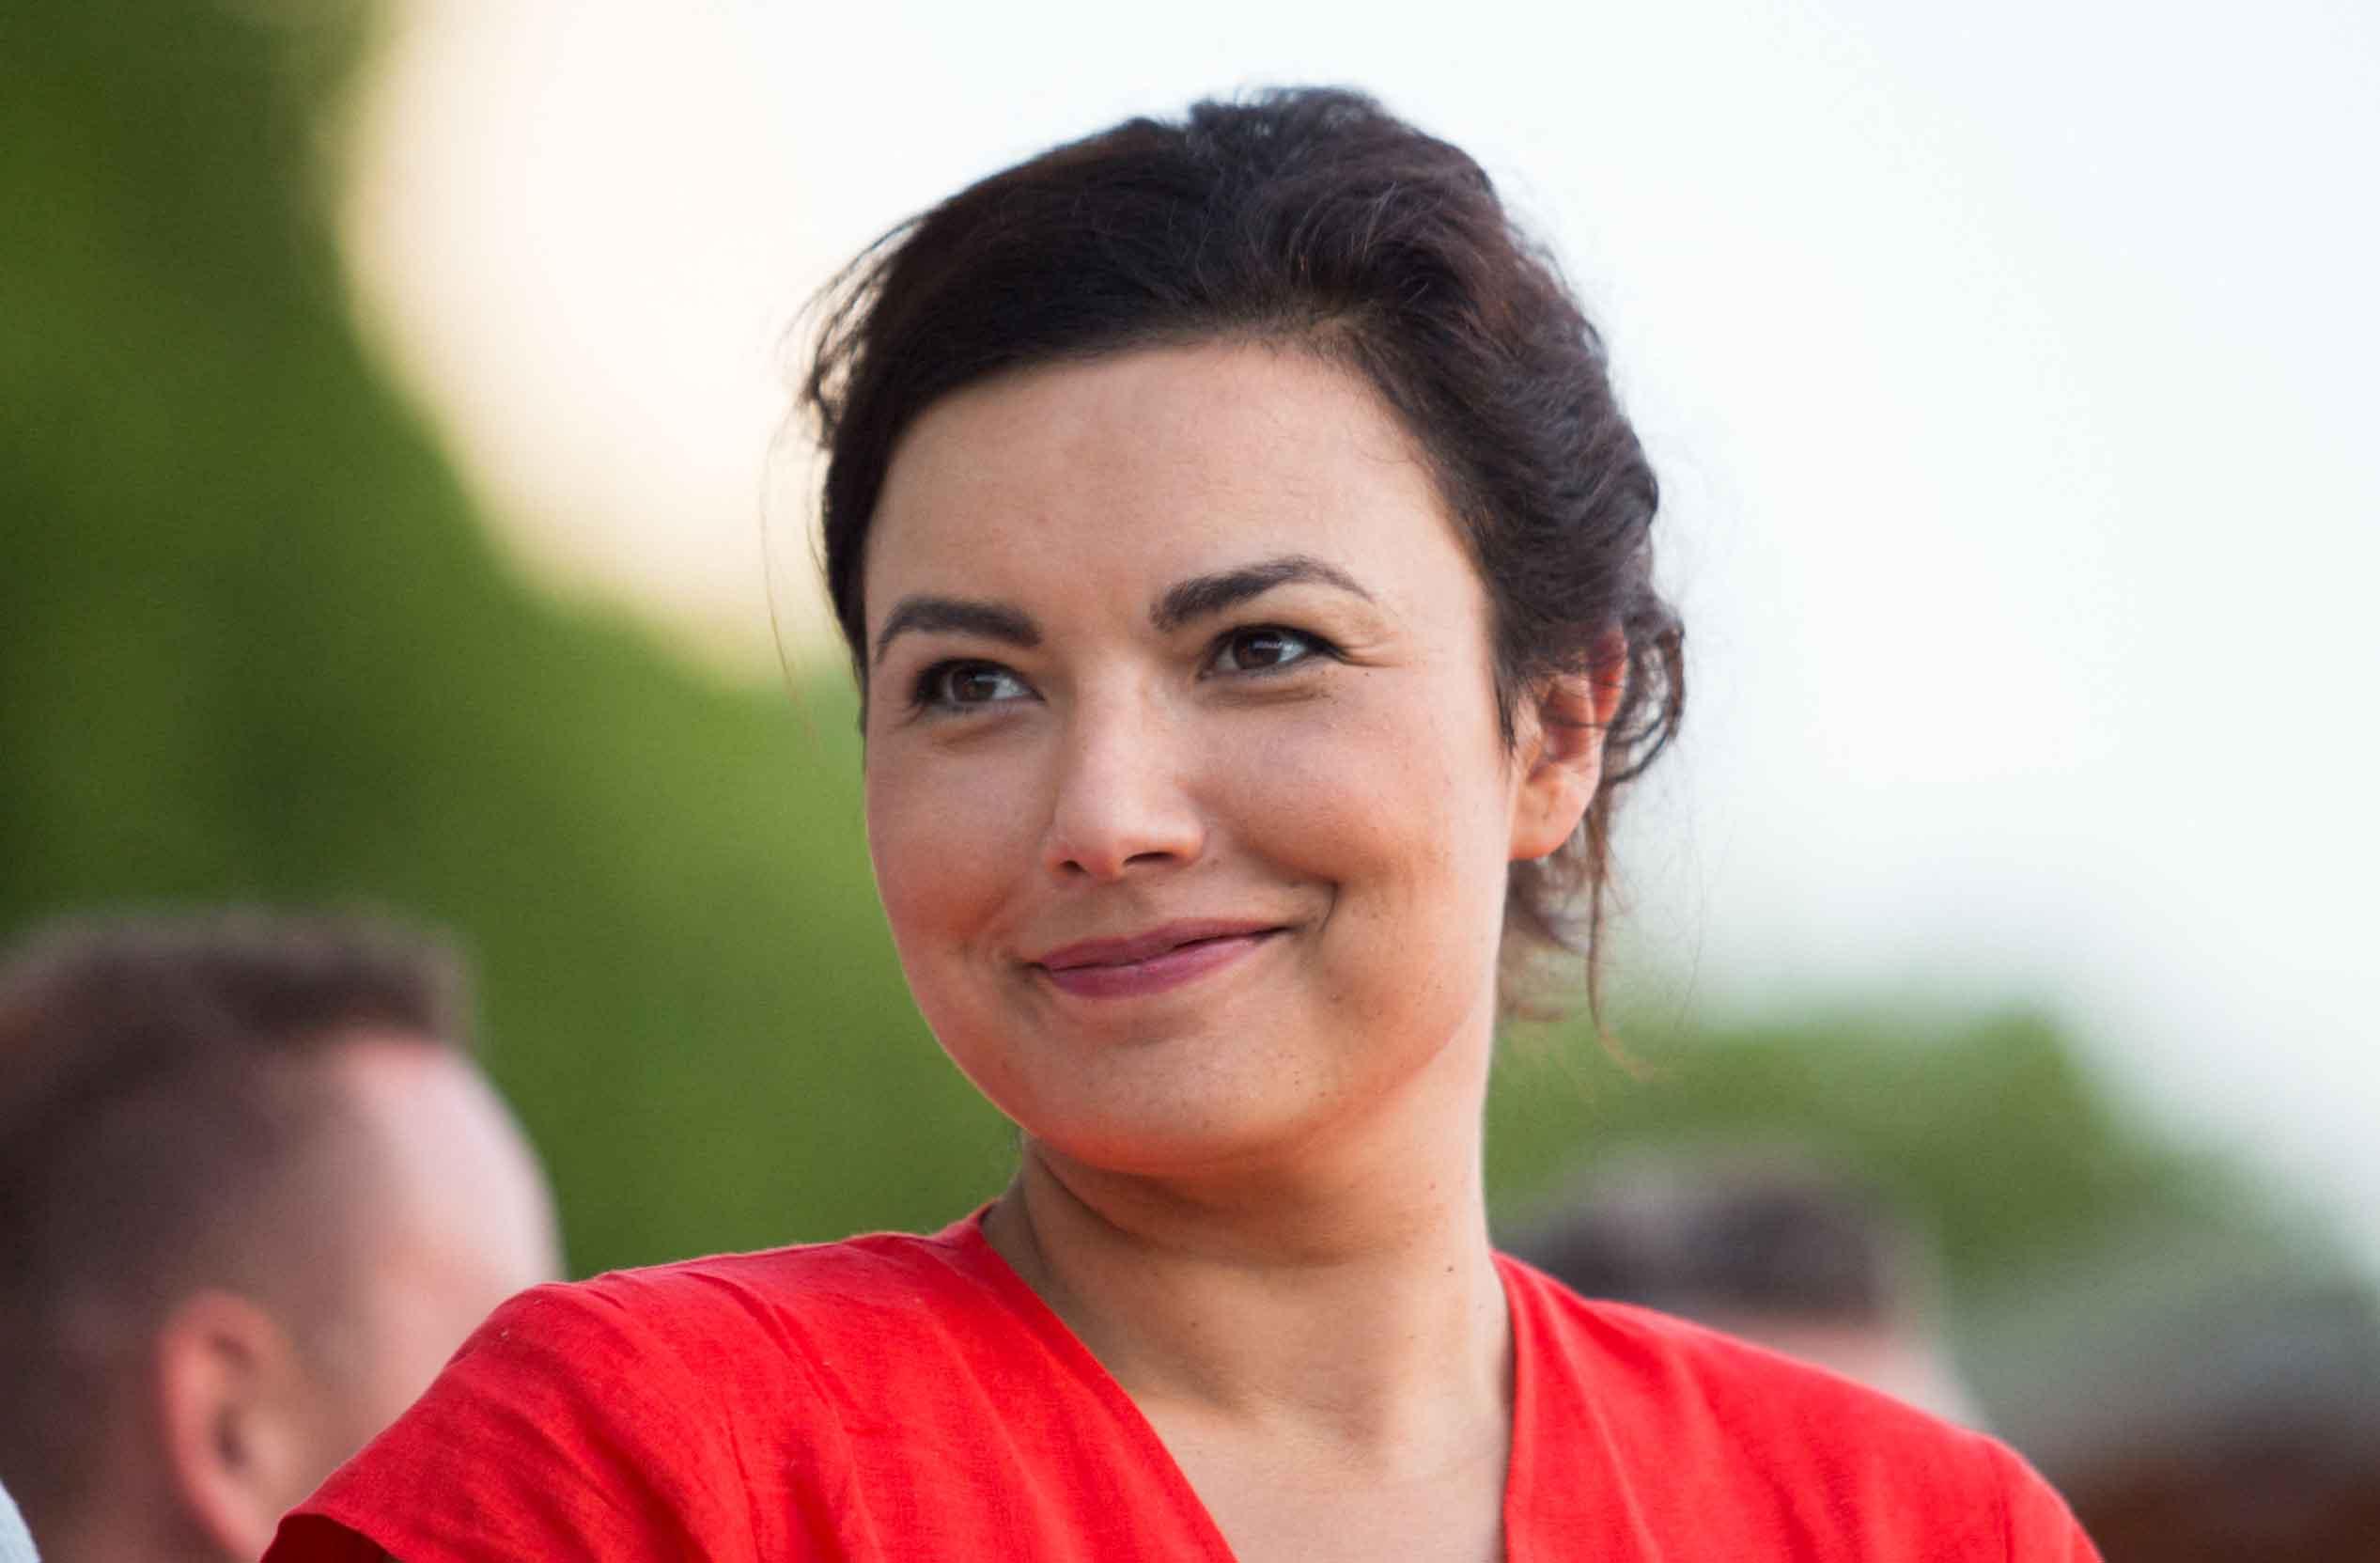 La grossesse d'Anaïs Baydemir dévoilée en direct sur France2